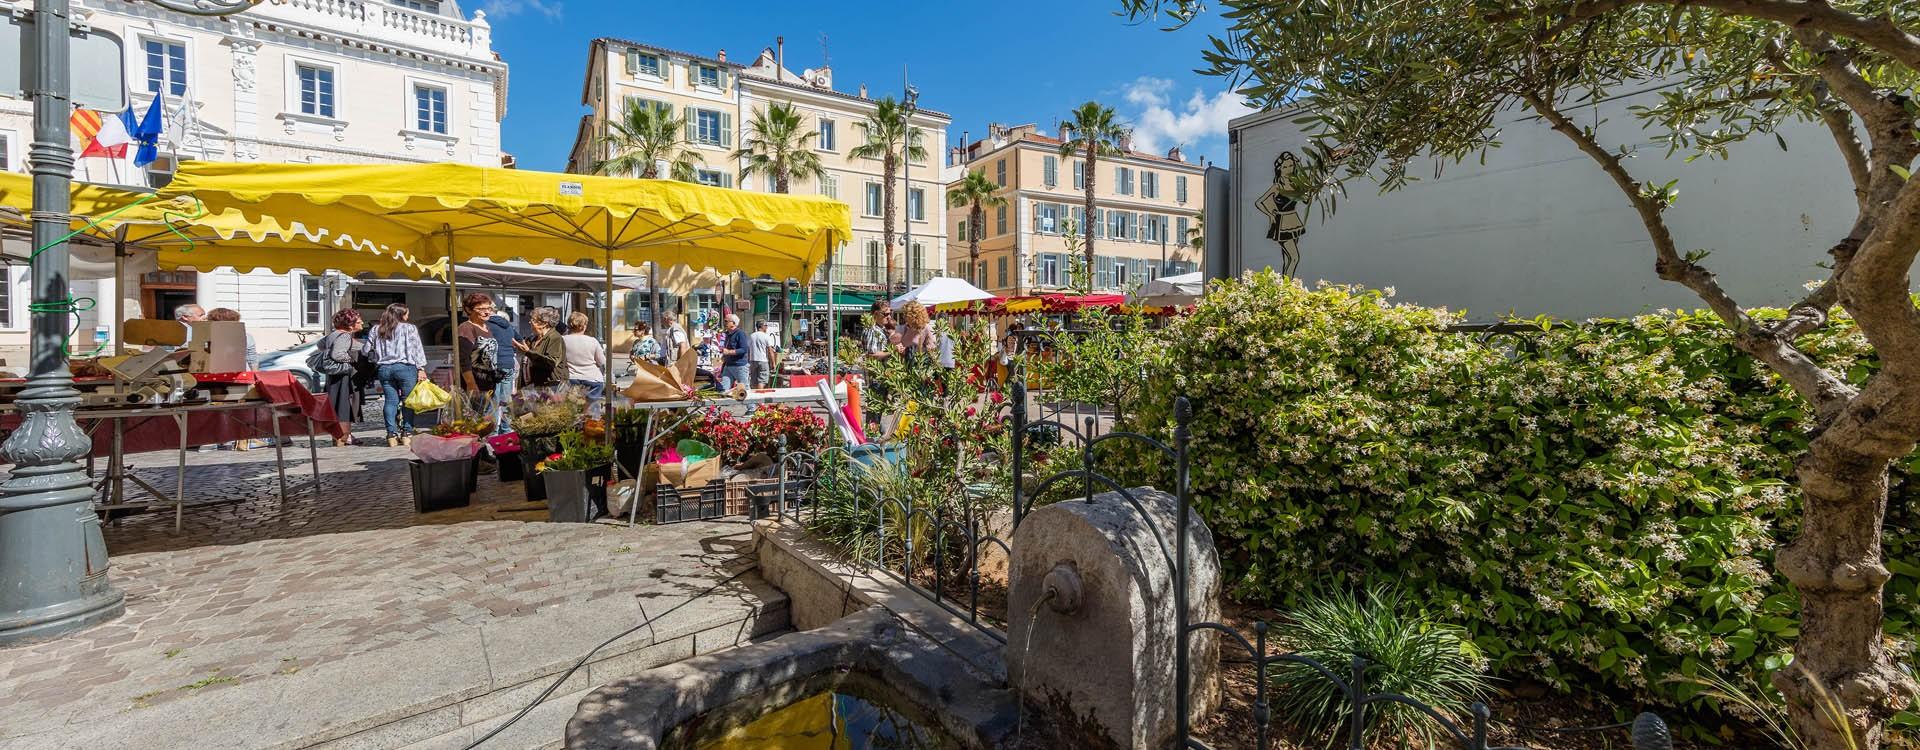 Place Jean Jaurès Ollioules